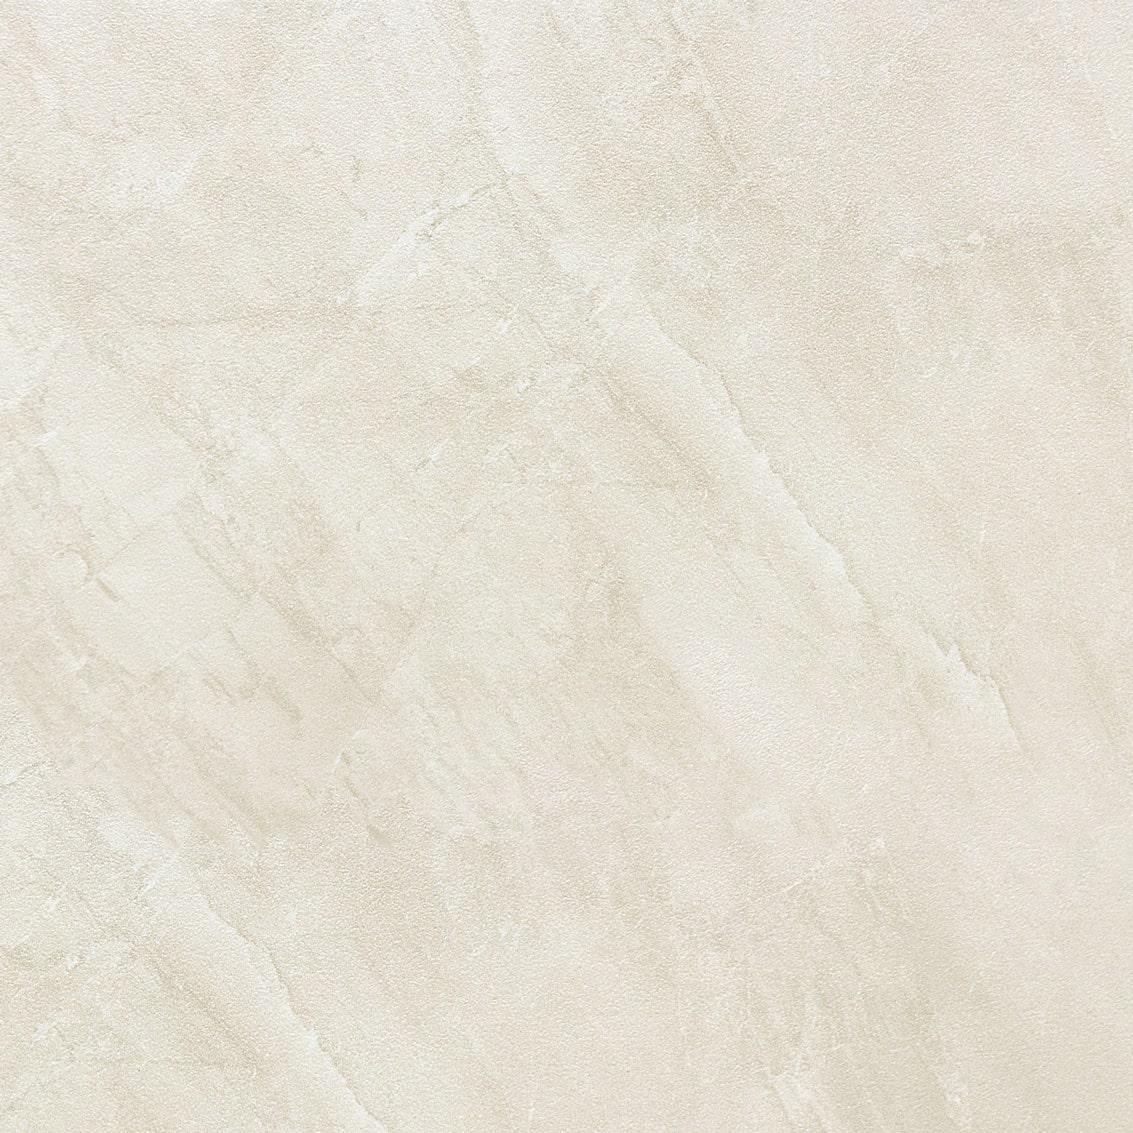 Płytka podłogowa Tubądzin Obsydian White 44,8x44,8